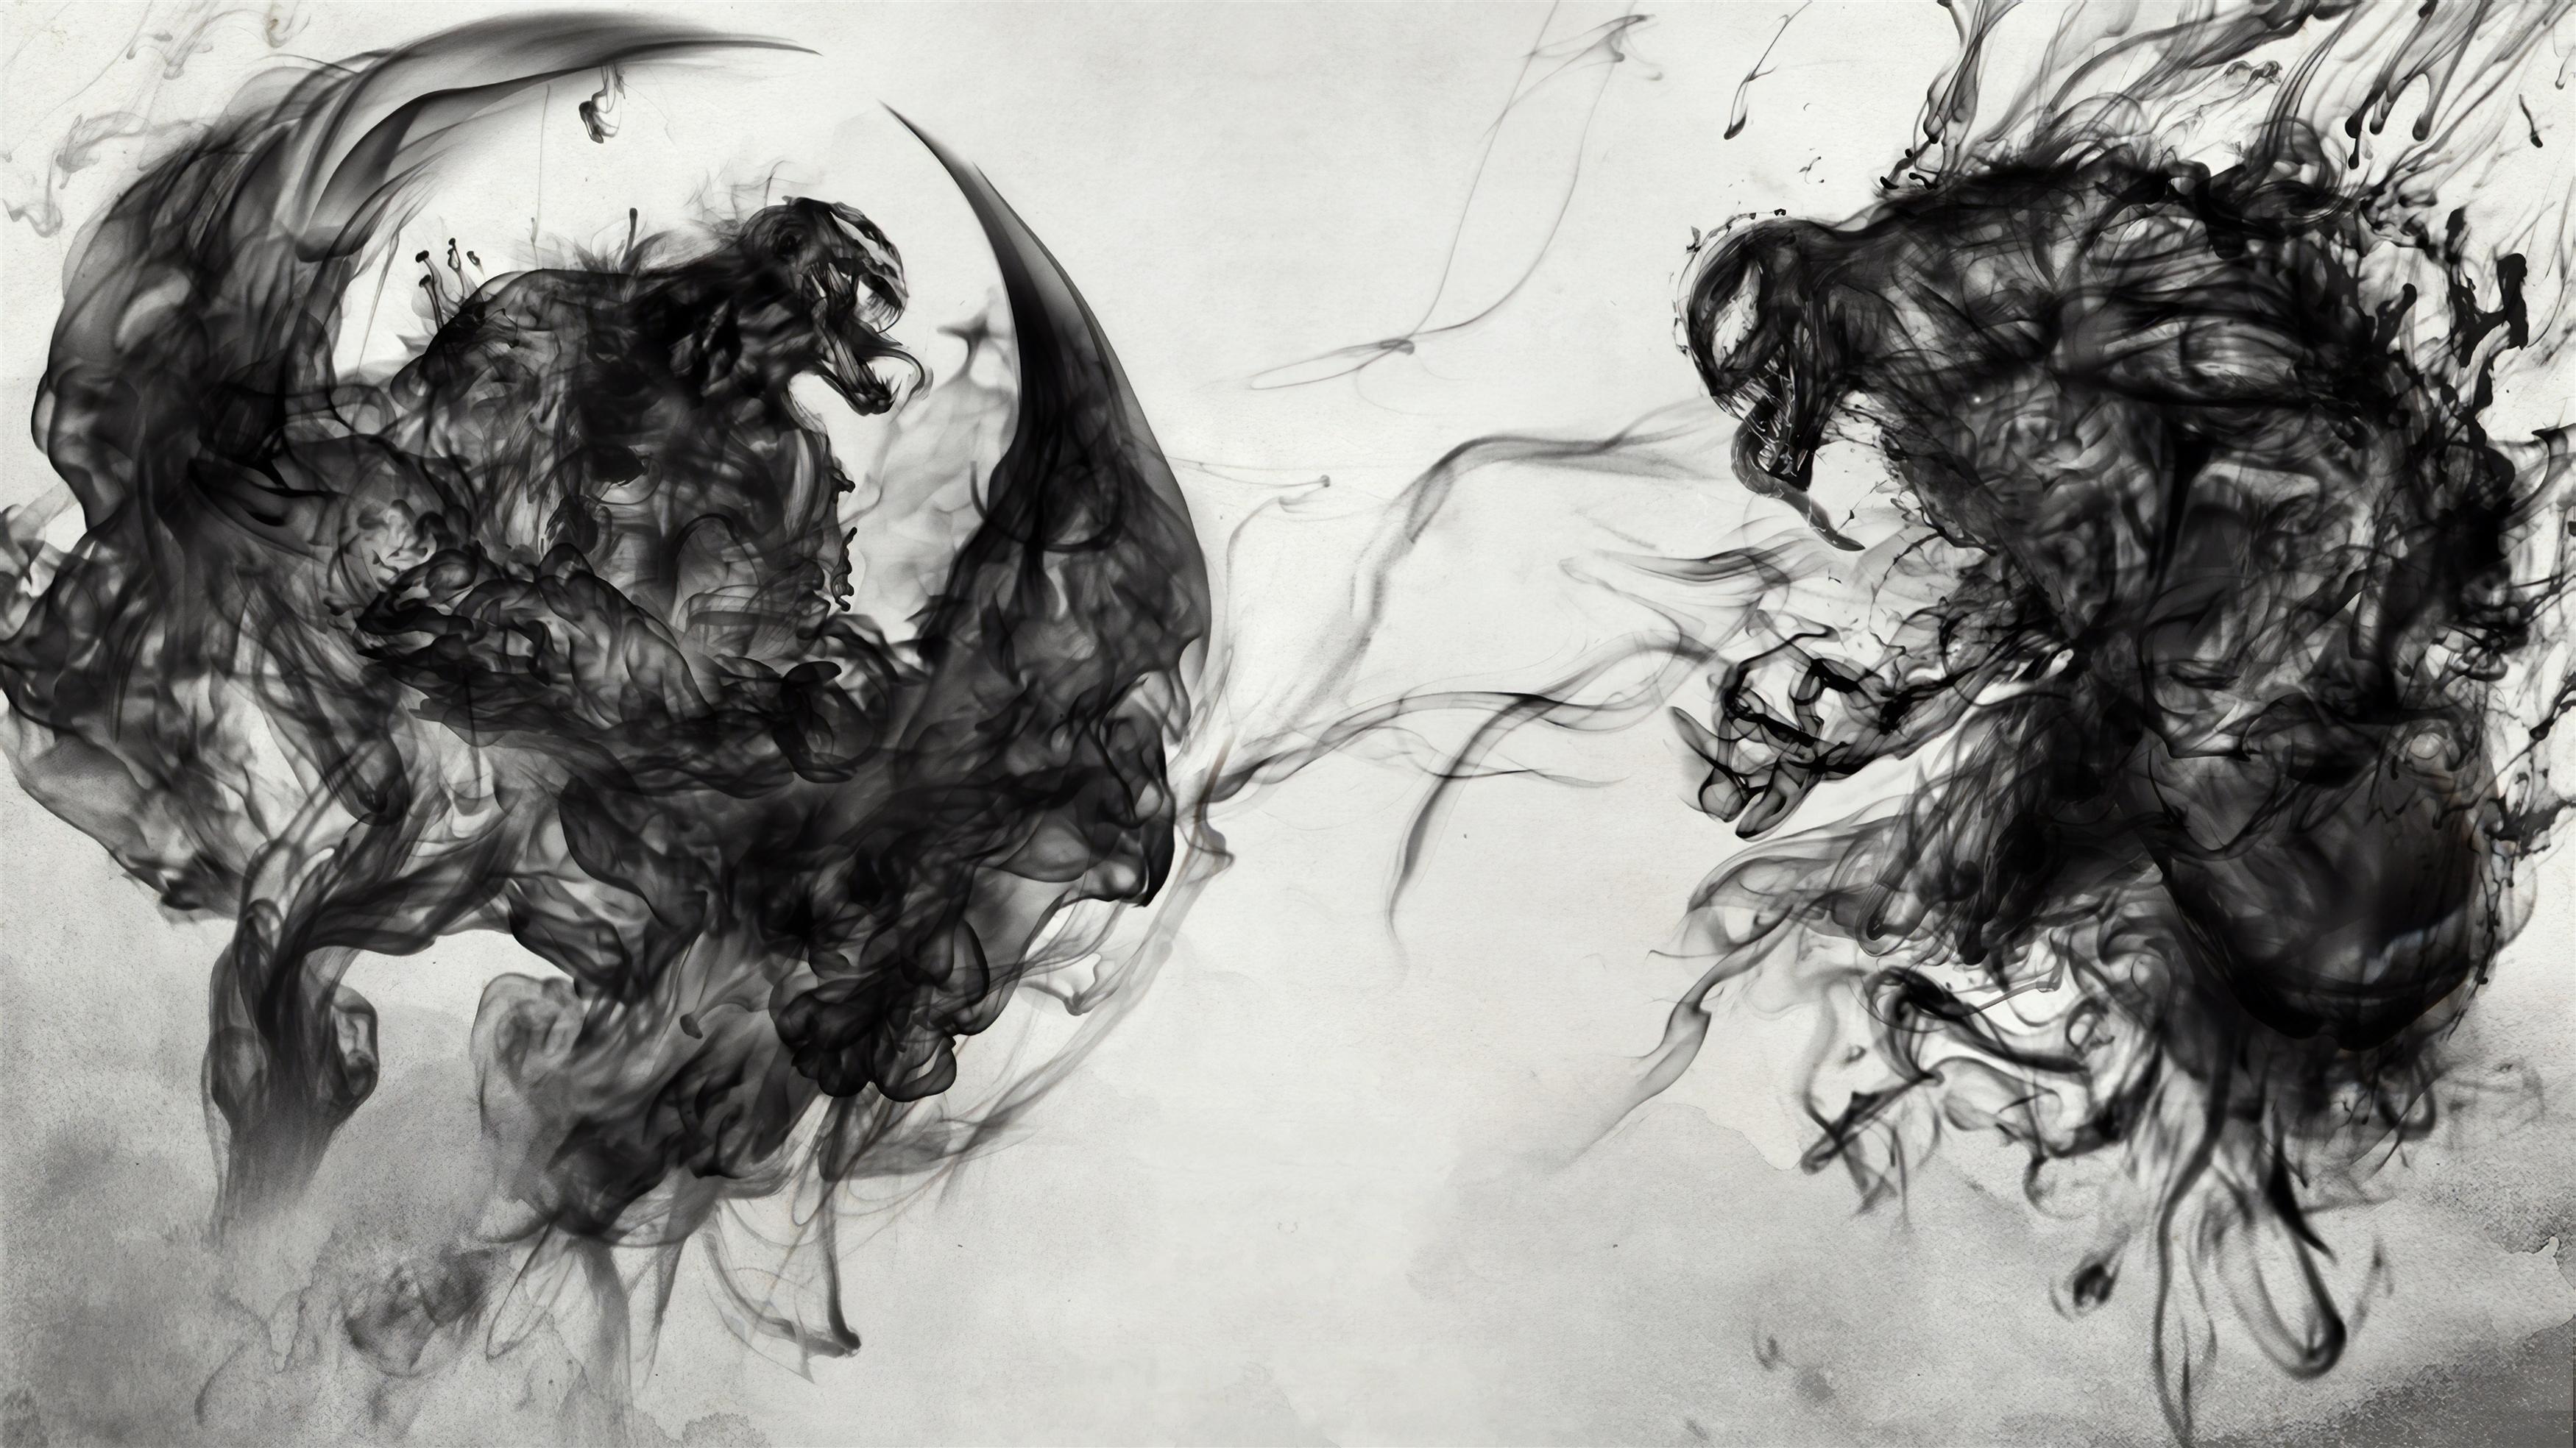 Venom riot художественные работы обои скачать